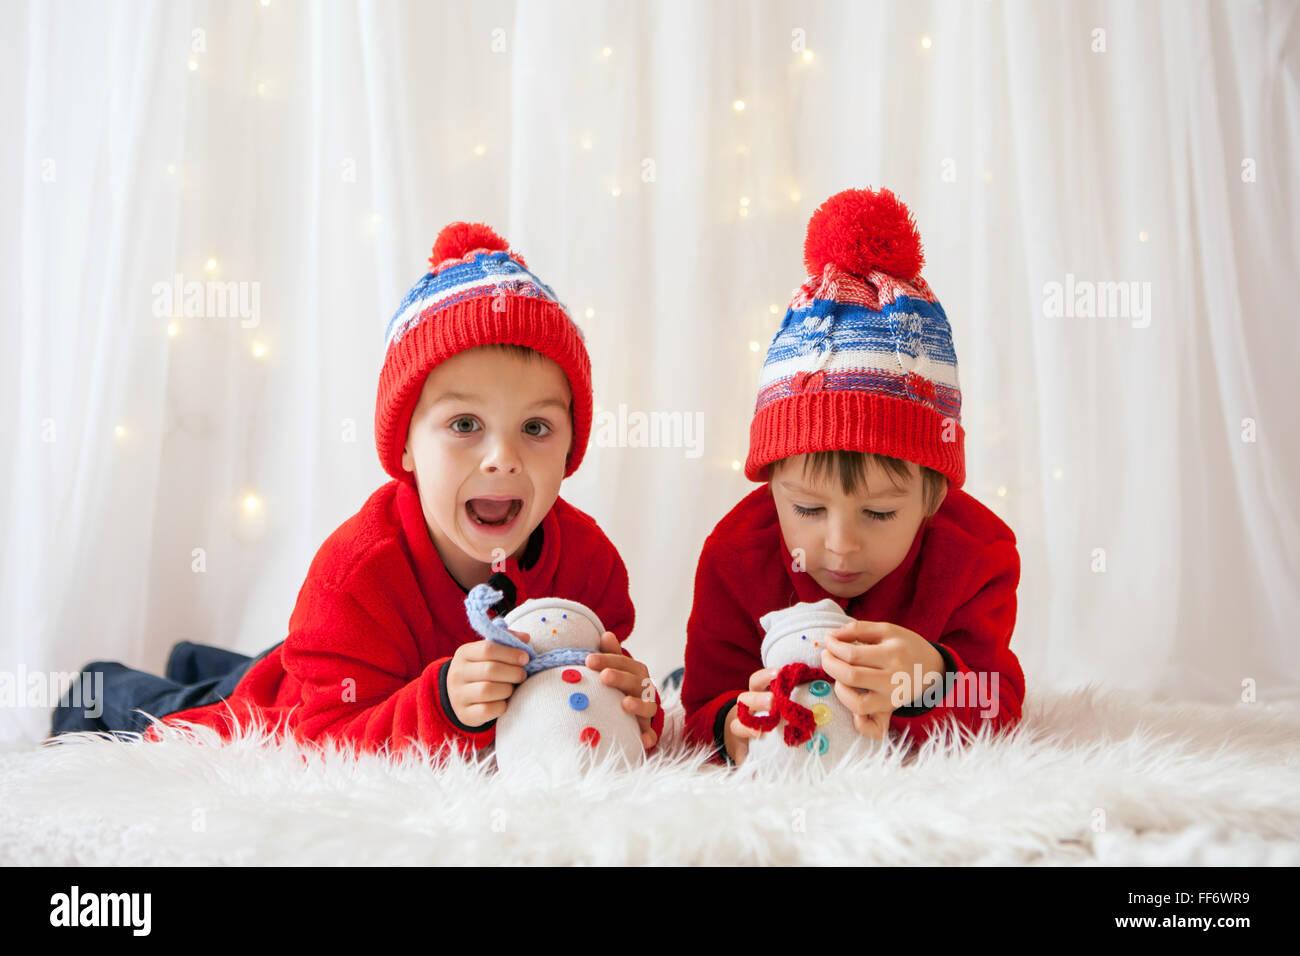 Sweet Children, hermano chicos, jugando con los muñecos de nieve artesanal en casa, las luces de Navidad detrás Imagen De Stock